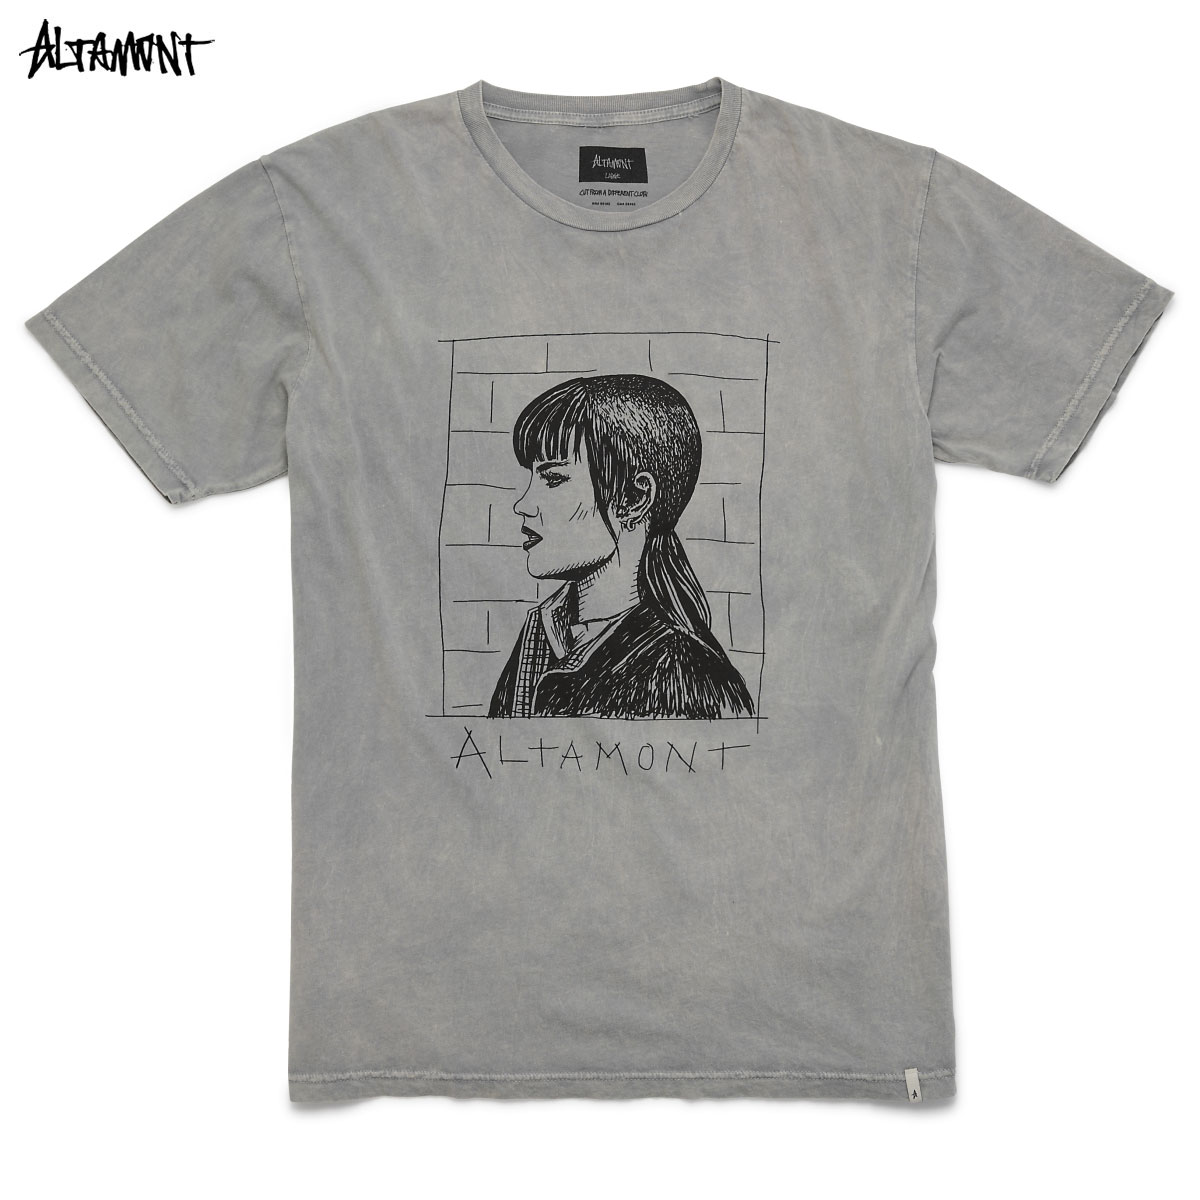 ALTAMONT(arutamonto)CHELSEA T恤RINGS面包染色光头女孩子BAKER SKATEBOARDS HEROIN SKATEBOADS服饰名牌街道服装